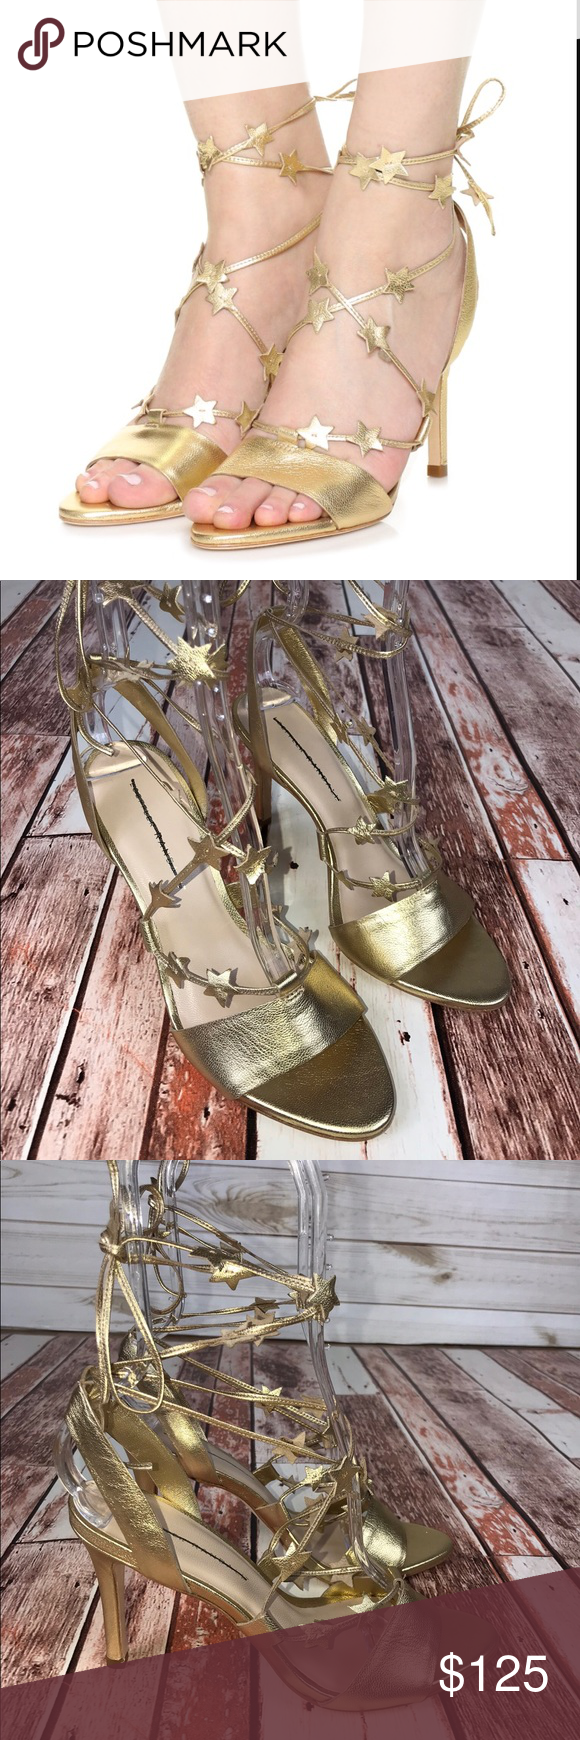 5a3d9ff9d04 NWOB Loeffler Randall Arielle Gold Metallic Heels Loeffler Randall Gold  Metallic Strappy Star Heel Size 8